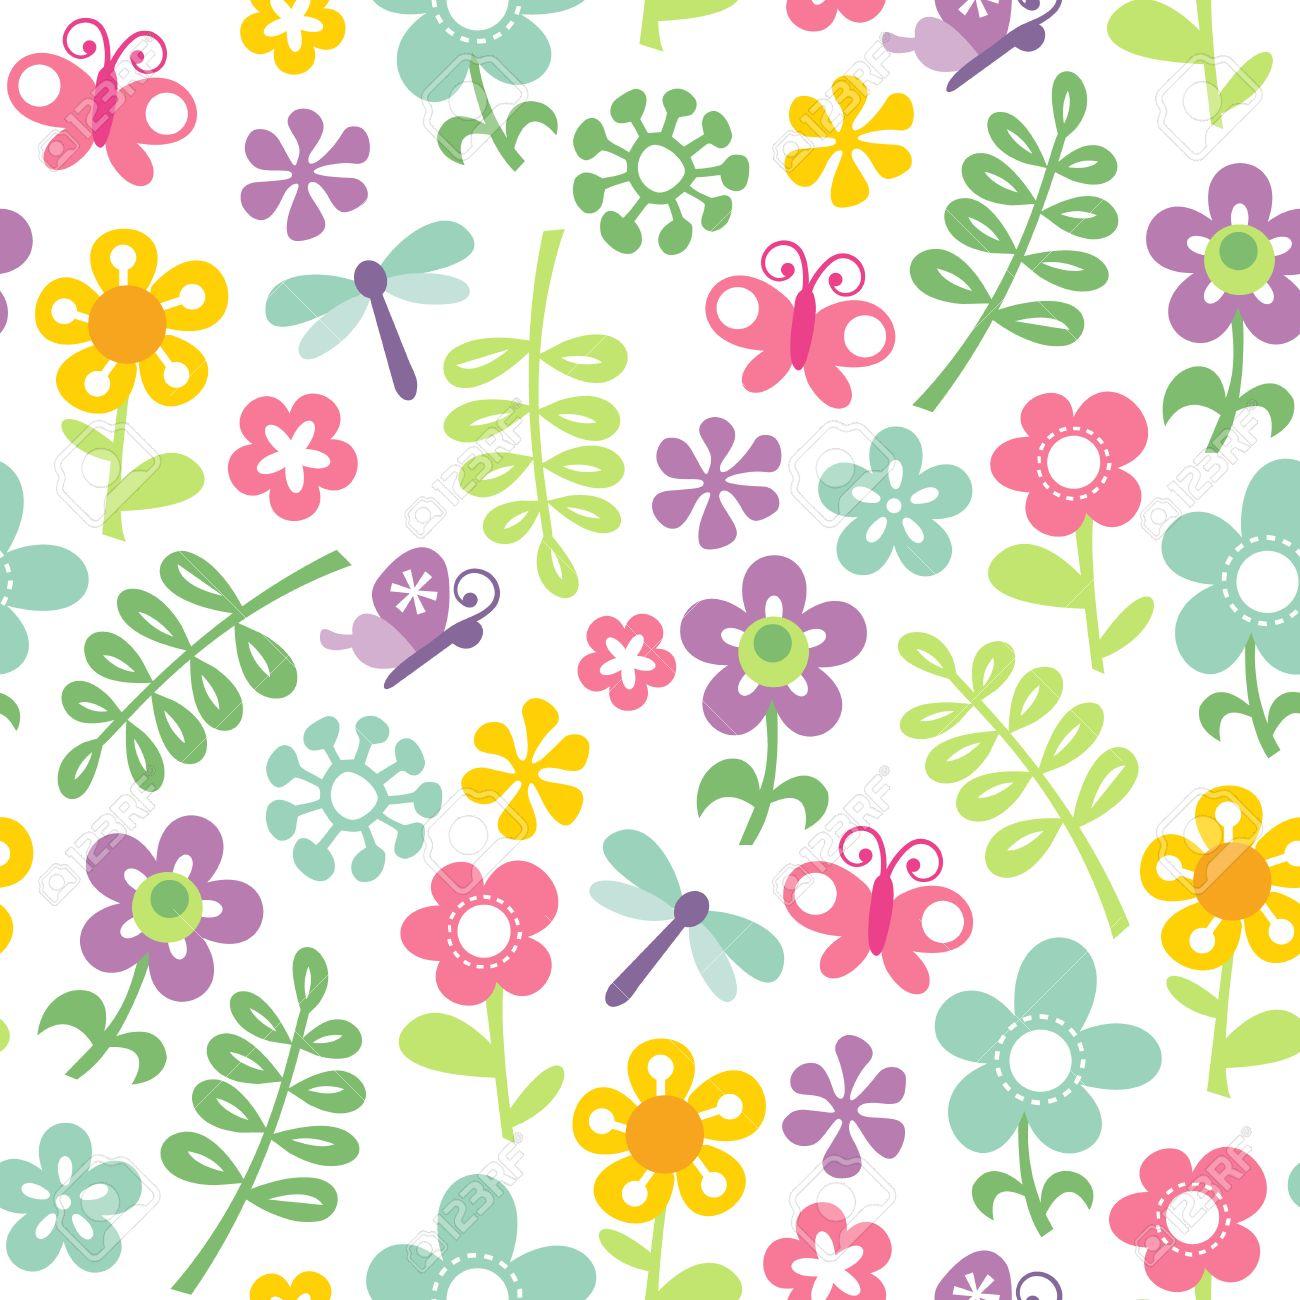 レトロ風春庭のテーマのシームレスなパターン背景のベクトル イラスト